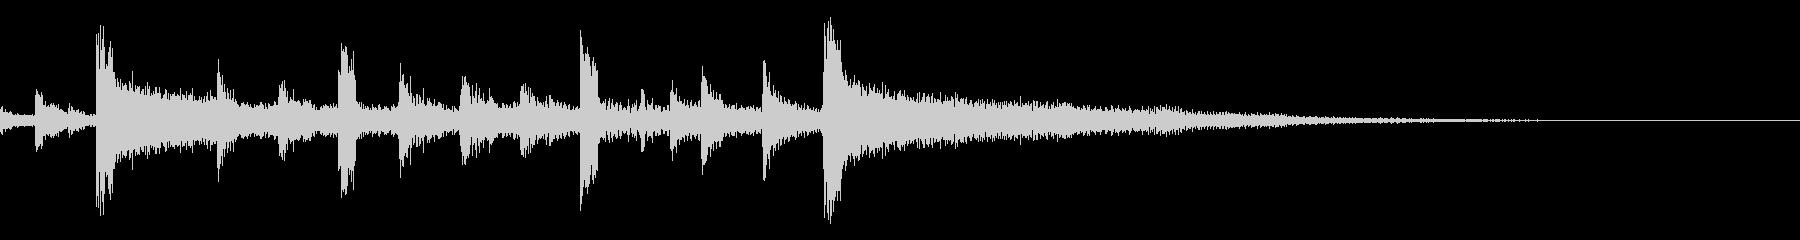 レゲエバンドシンセエンベロープスイープの未再生の波形